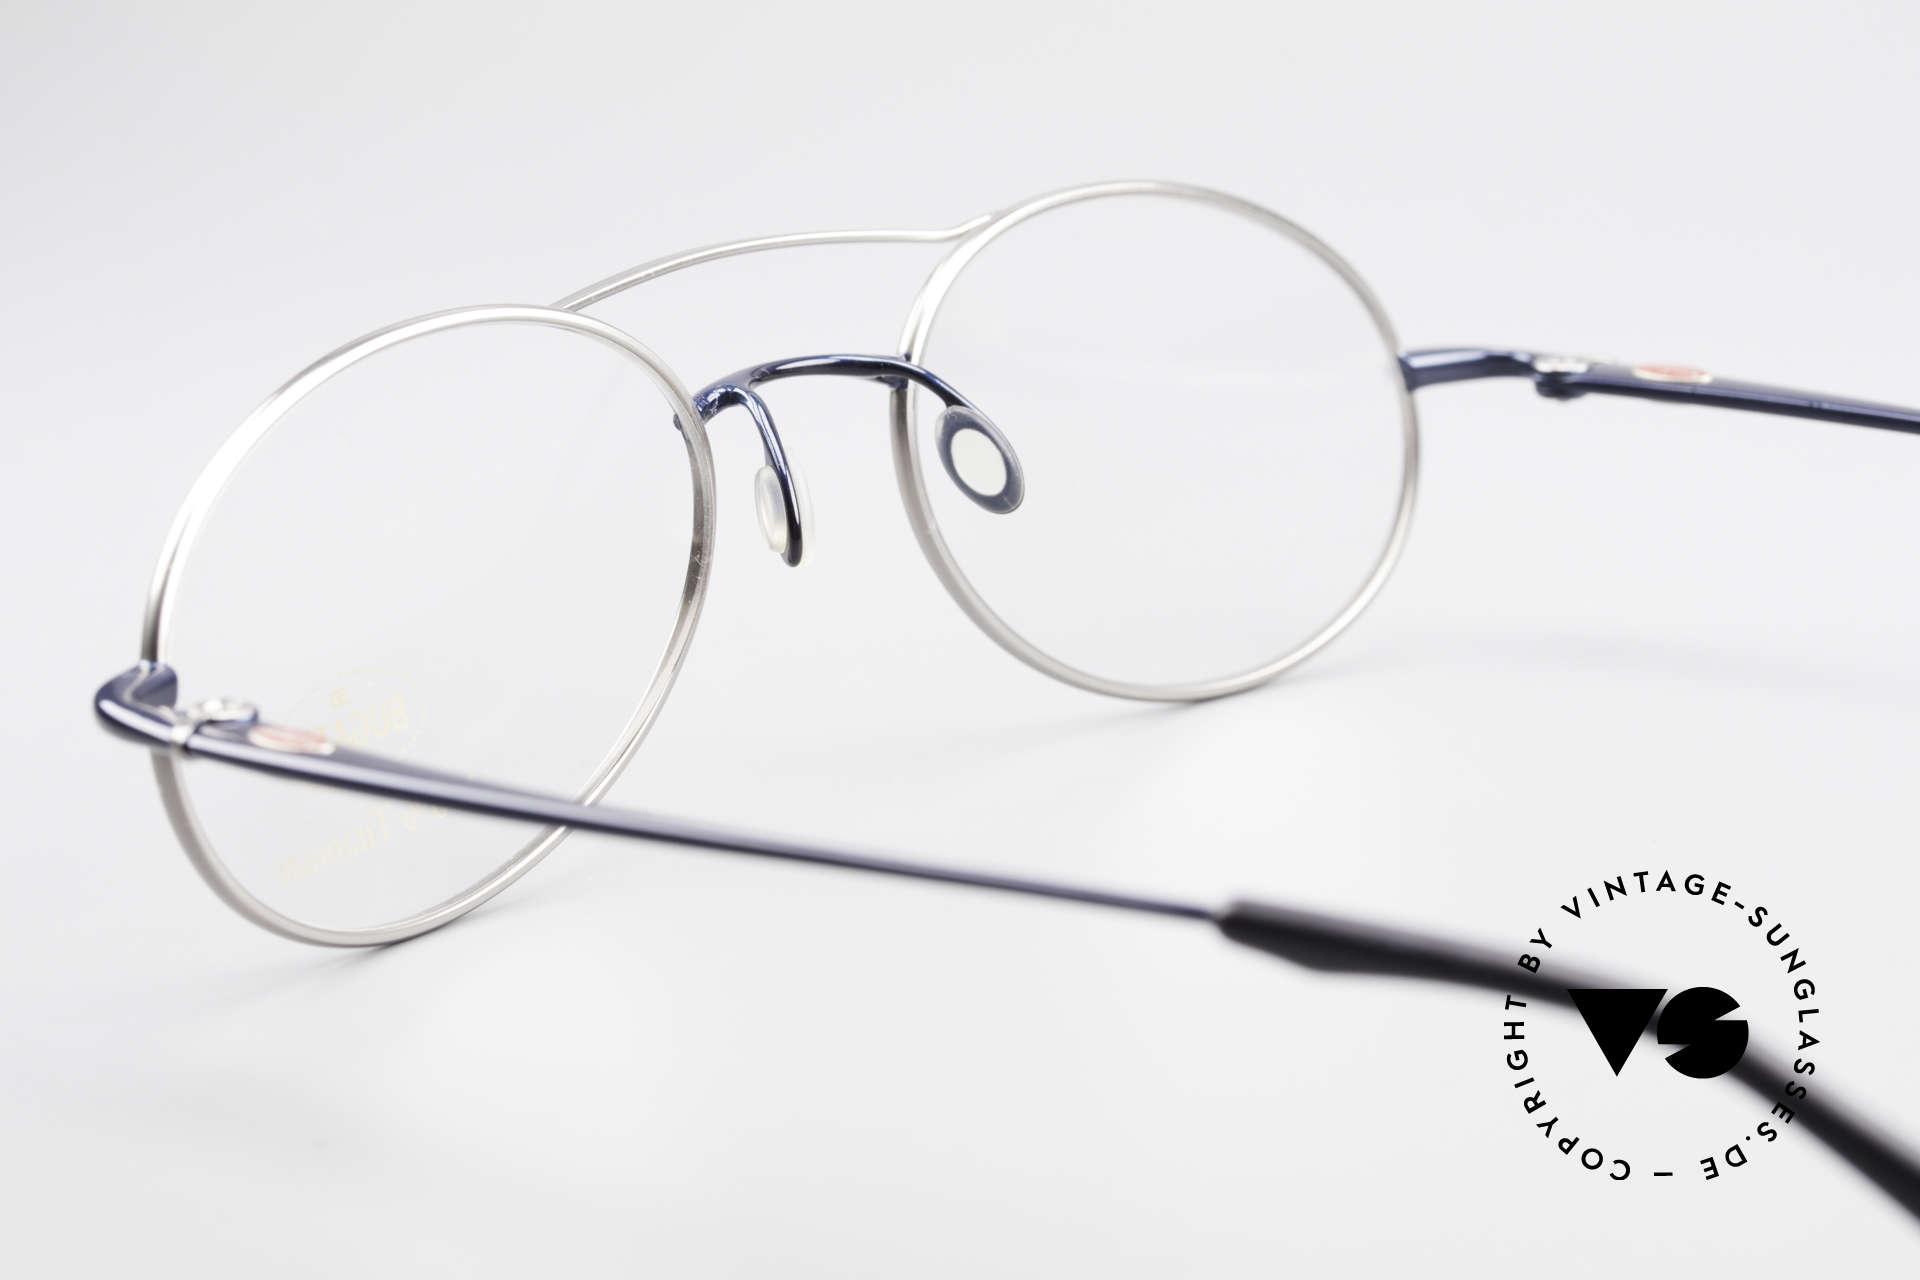 Bugatti 19239 Titanium Luxus Brillenfassung, KEIN RETRO; ein kostbares Original in tiefblau / titan, Passend für Herren